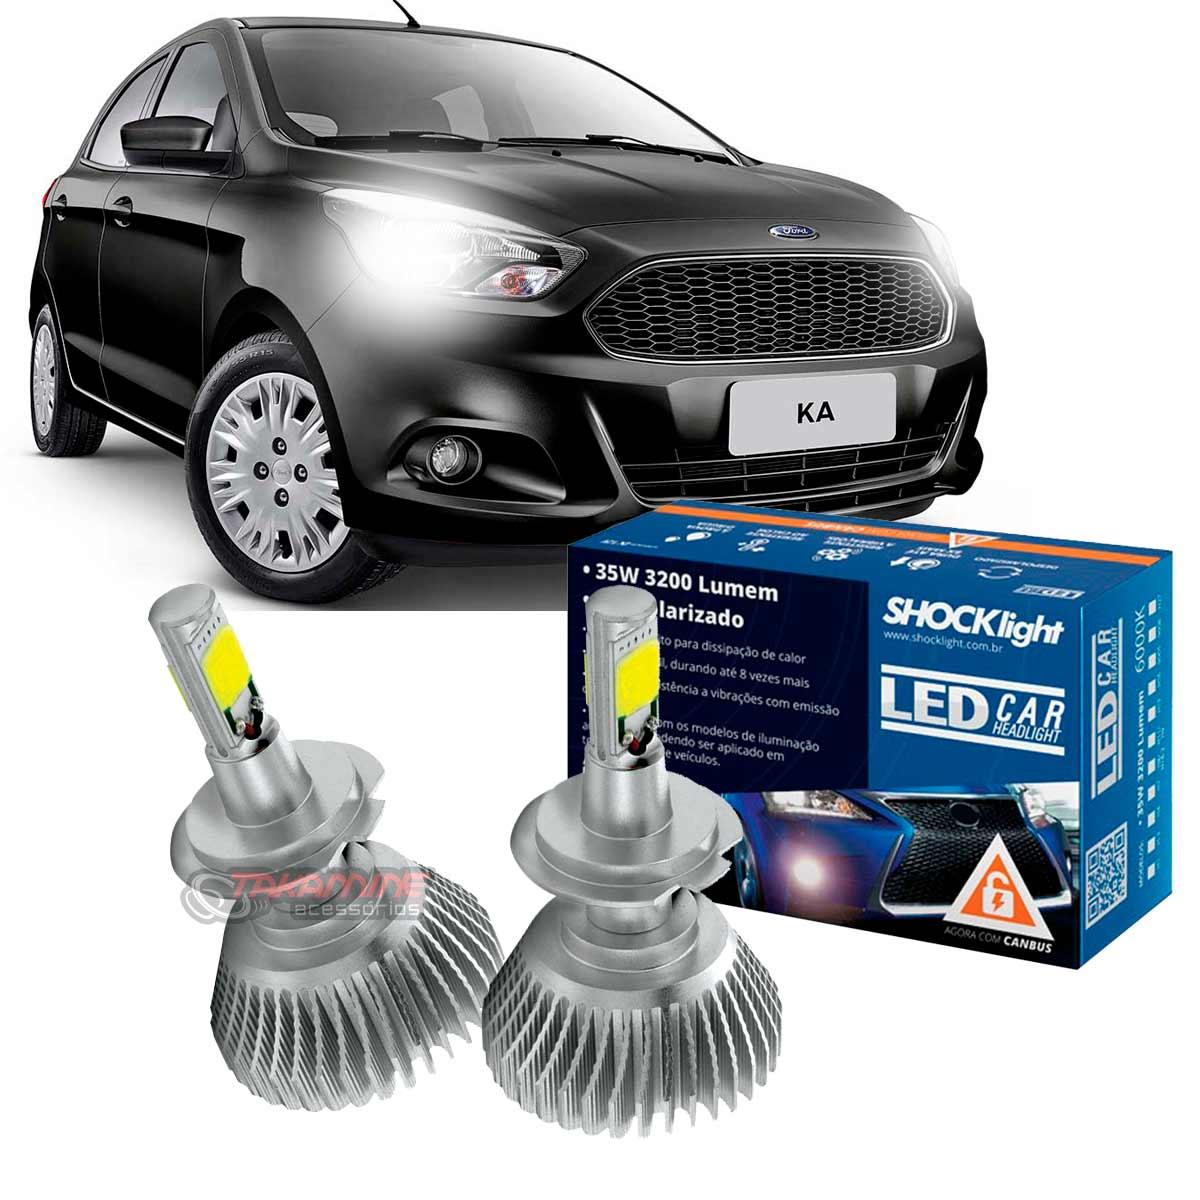 Kit LED Ford Ka 1997 até 2014 tipo xenon farol baixo H7 35W Headlight